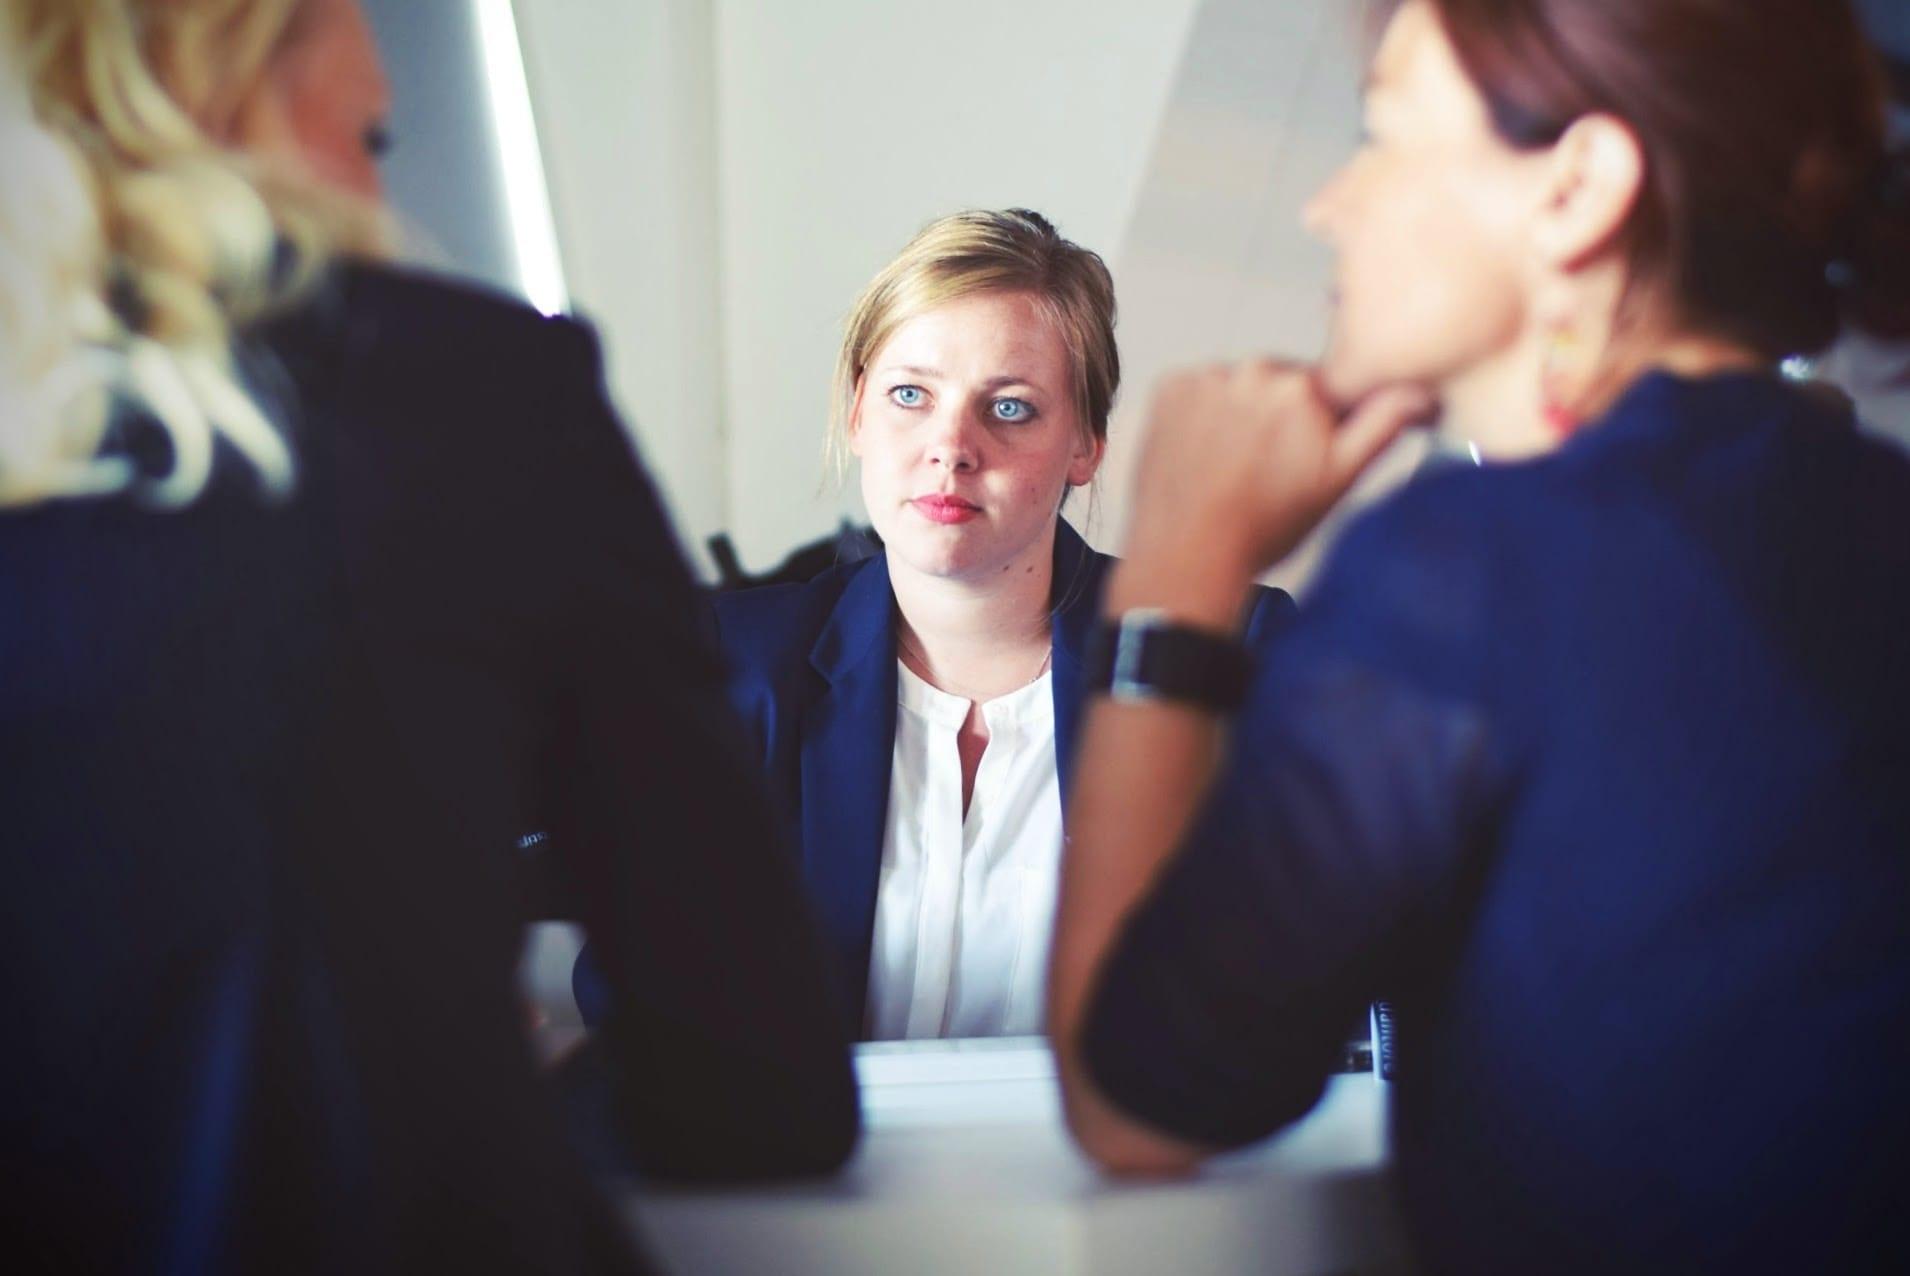 Découvrez et surmontez vos plus grandes peurs au travail